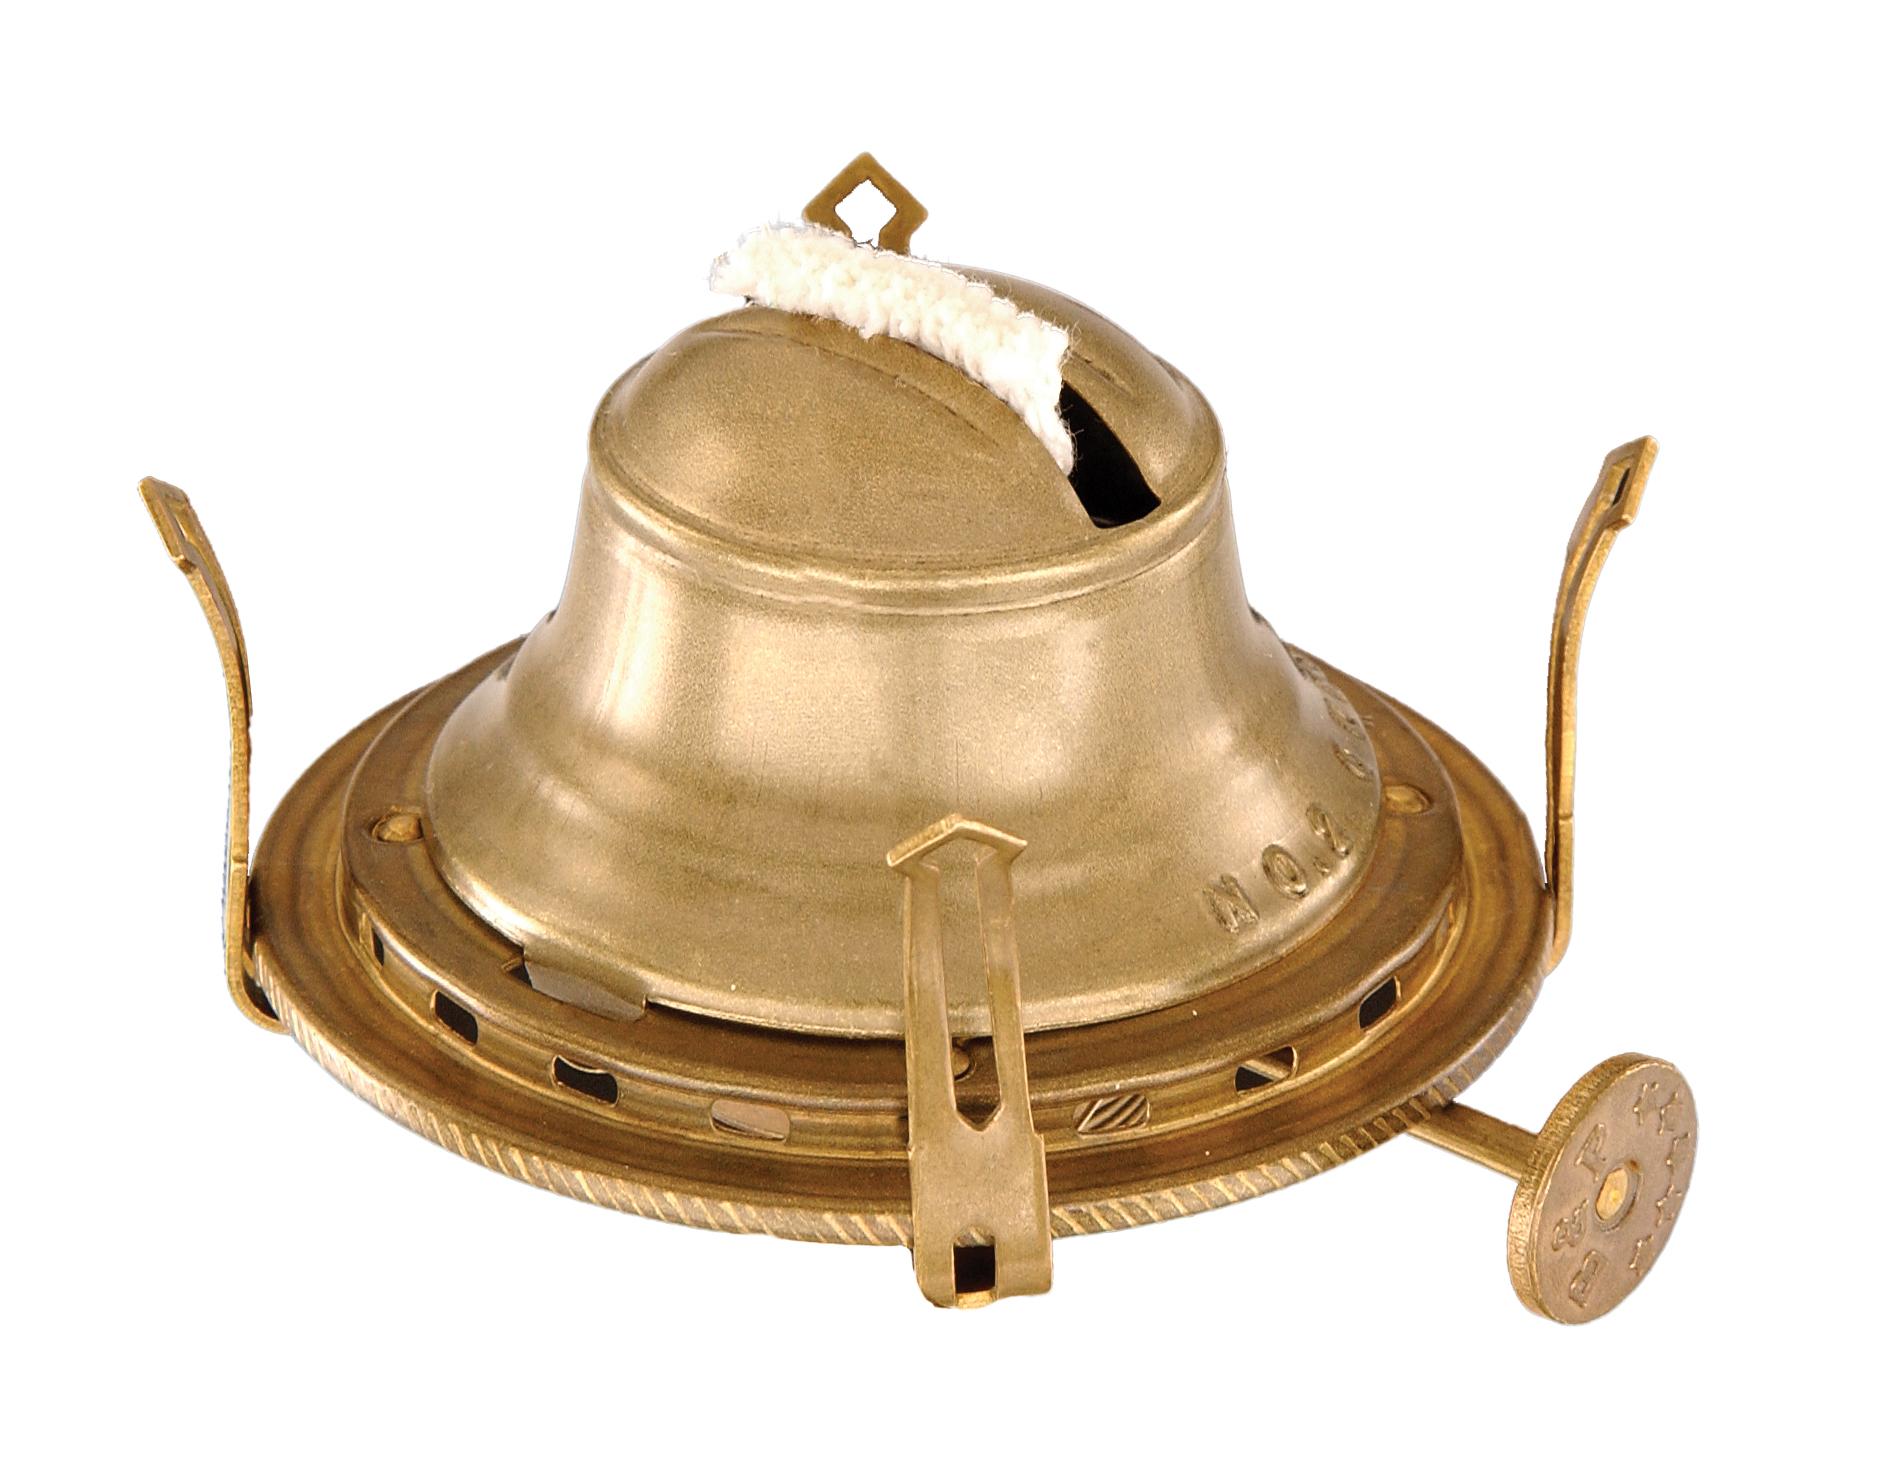 2 Queen Anne Burner W Antique Brass Finish 10622a B Amp P